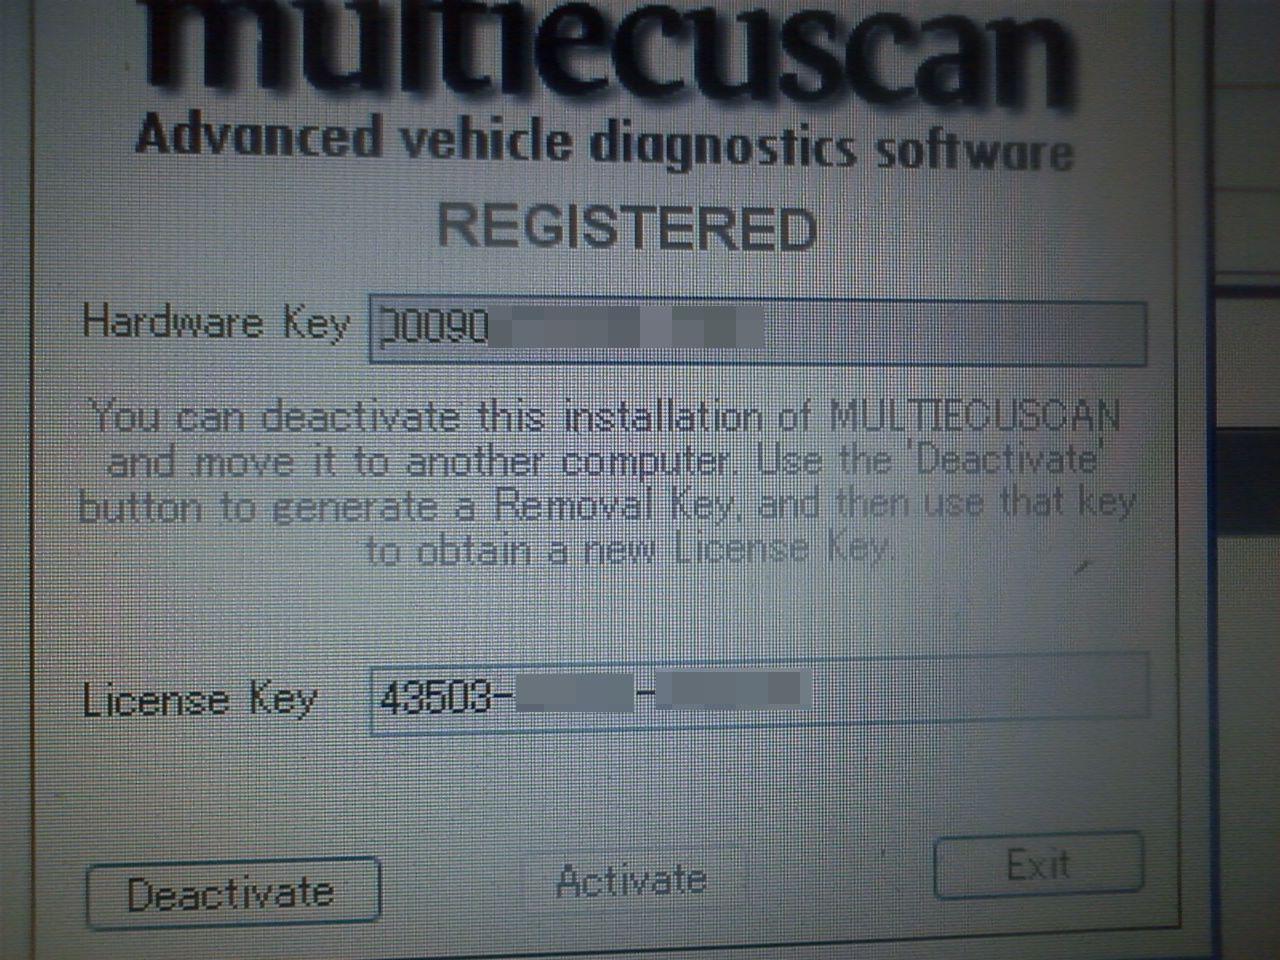 muitiecuscan_02.jpg